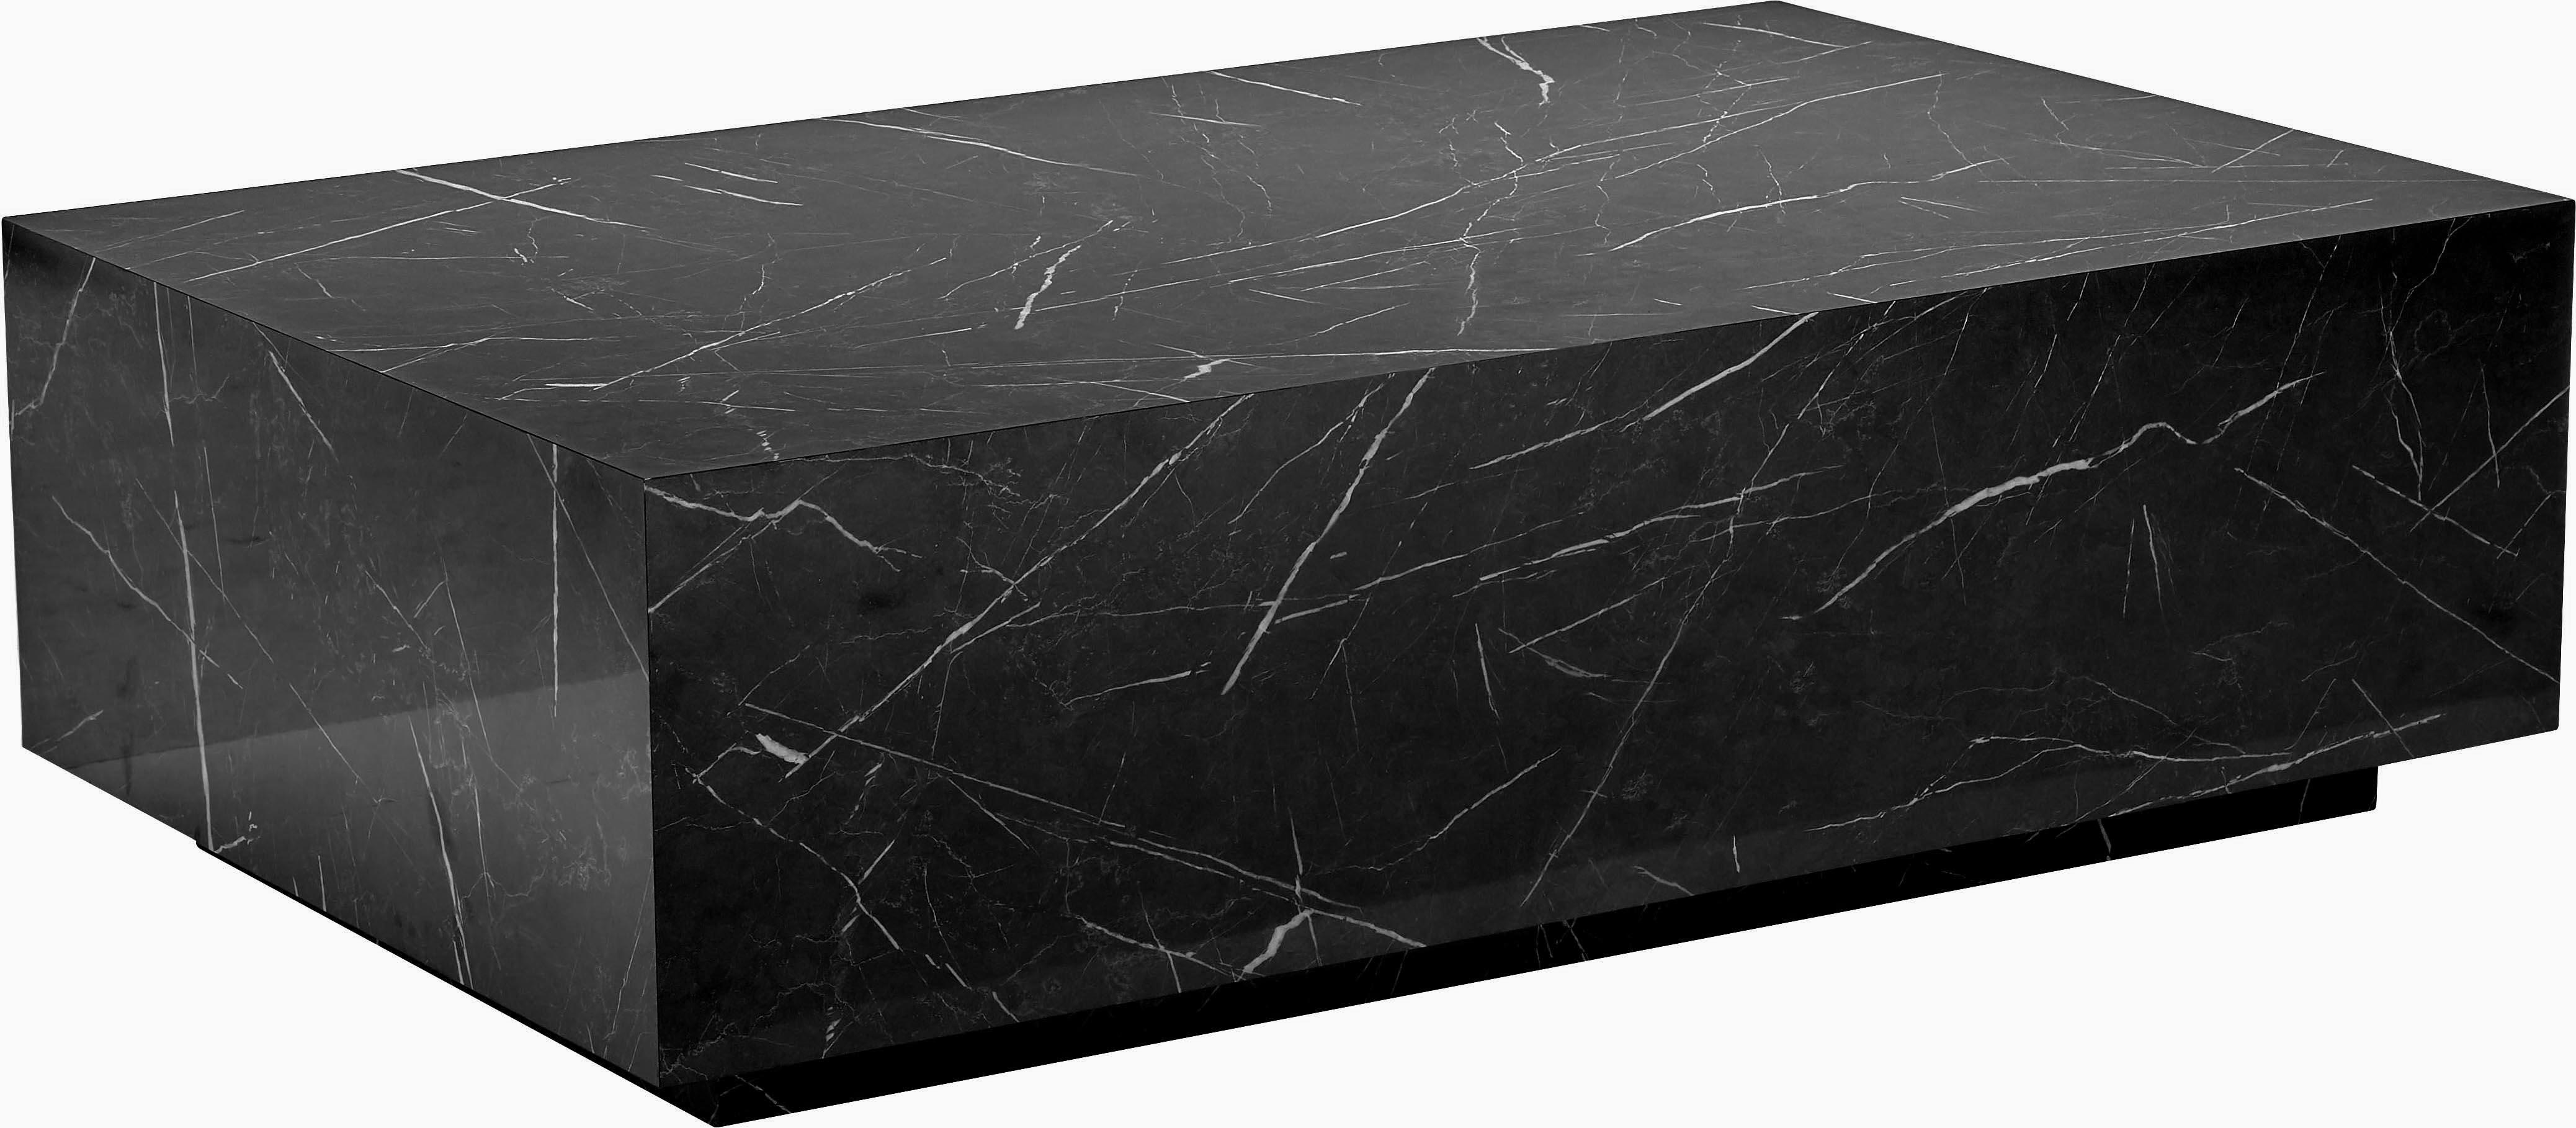 Mesa de centro en aspecto mármol Lesley, Tablero de fibras de densidad media(MDF) recubierto en melanina, Mármol negro brillante, An 120 x F 35 cm